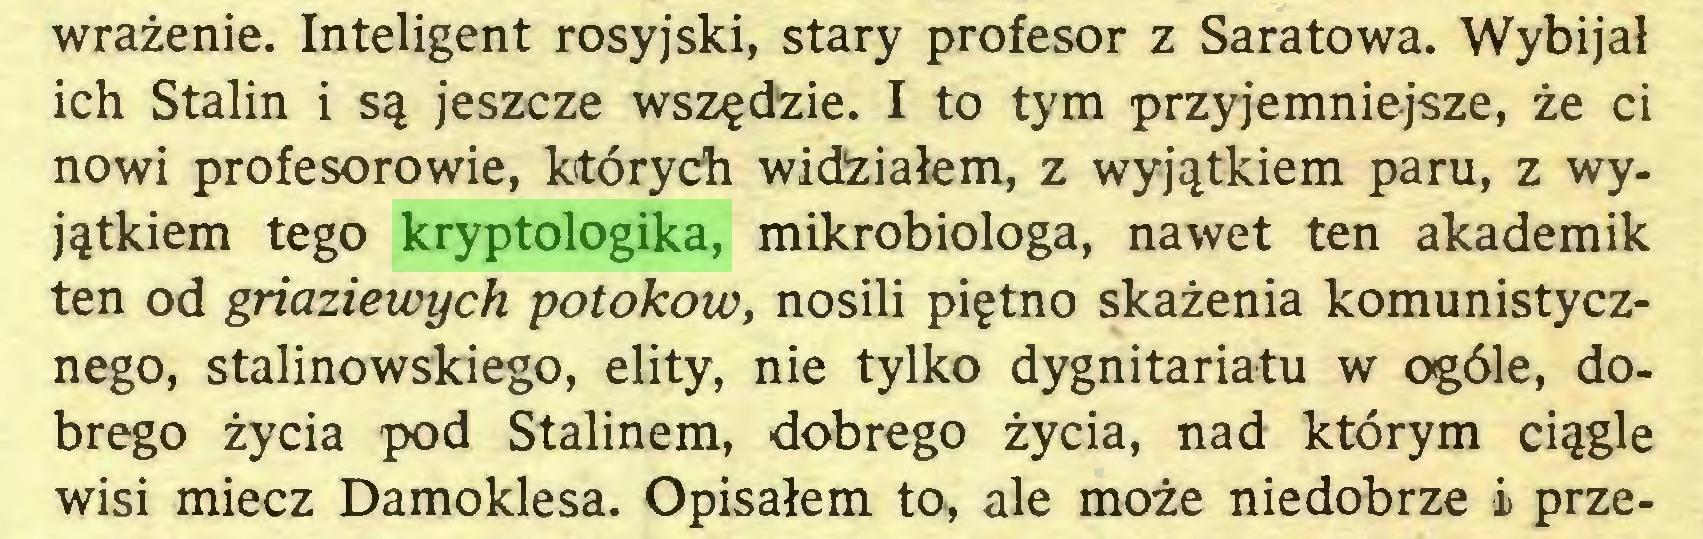 (...) wrażenie. Inteligent rosyjski, stary profesor z Saratowa. Wybijał ich Stalin i są jeszcze wszędzie. I to tym przyjemniejsze, że ci nowi profesorowie, których widżiałem, z wyjątkiem paru, z wyjątkiem tego kryptologika, mikrobiologa, nawet ten akademik ten od griaziewych potokow, nosili piętno skażenia komunistycznego, stalinowskiego, elity, nie tylko dygnitariatu w ogóle, dobrego życia pod Stalinem, dobrego życia, nad którym ciągle wisi miecz Damoklesa. Opisałem to, ale może niedobrze i prze...